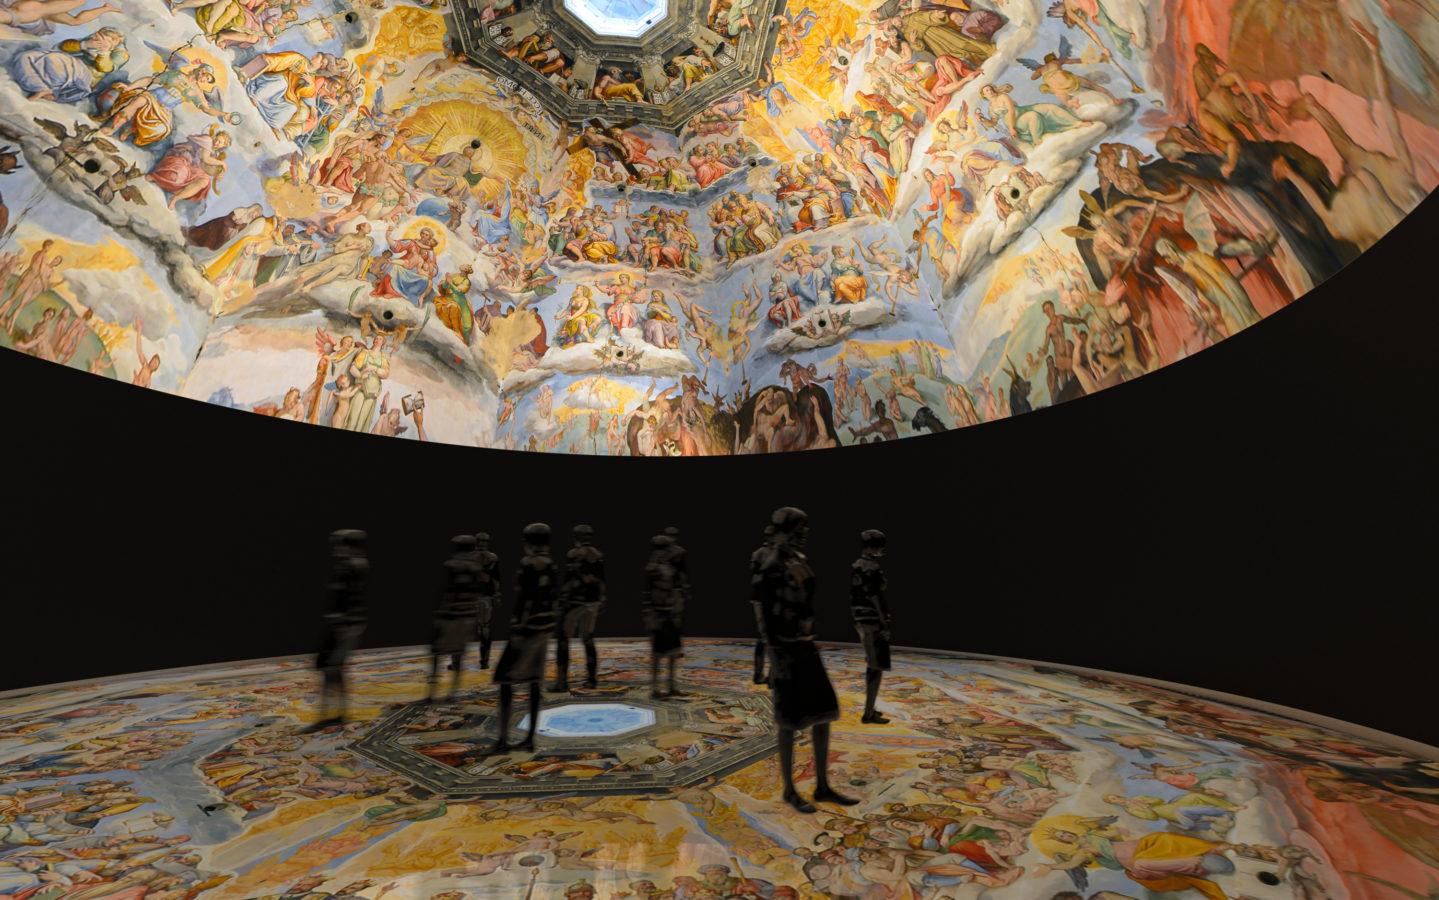 全球首展X經典重現,藝術大展「會動的文藝復興」